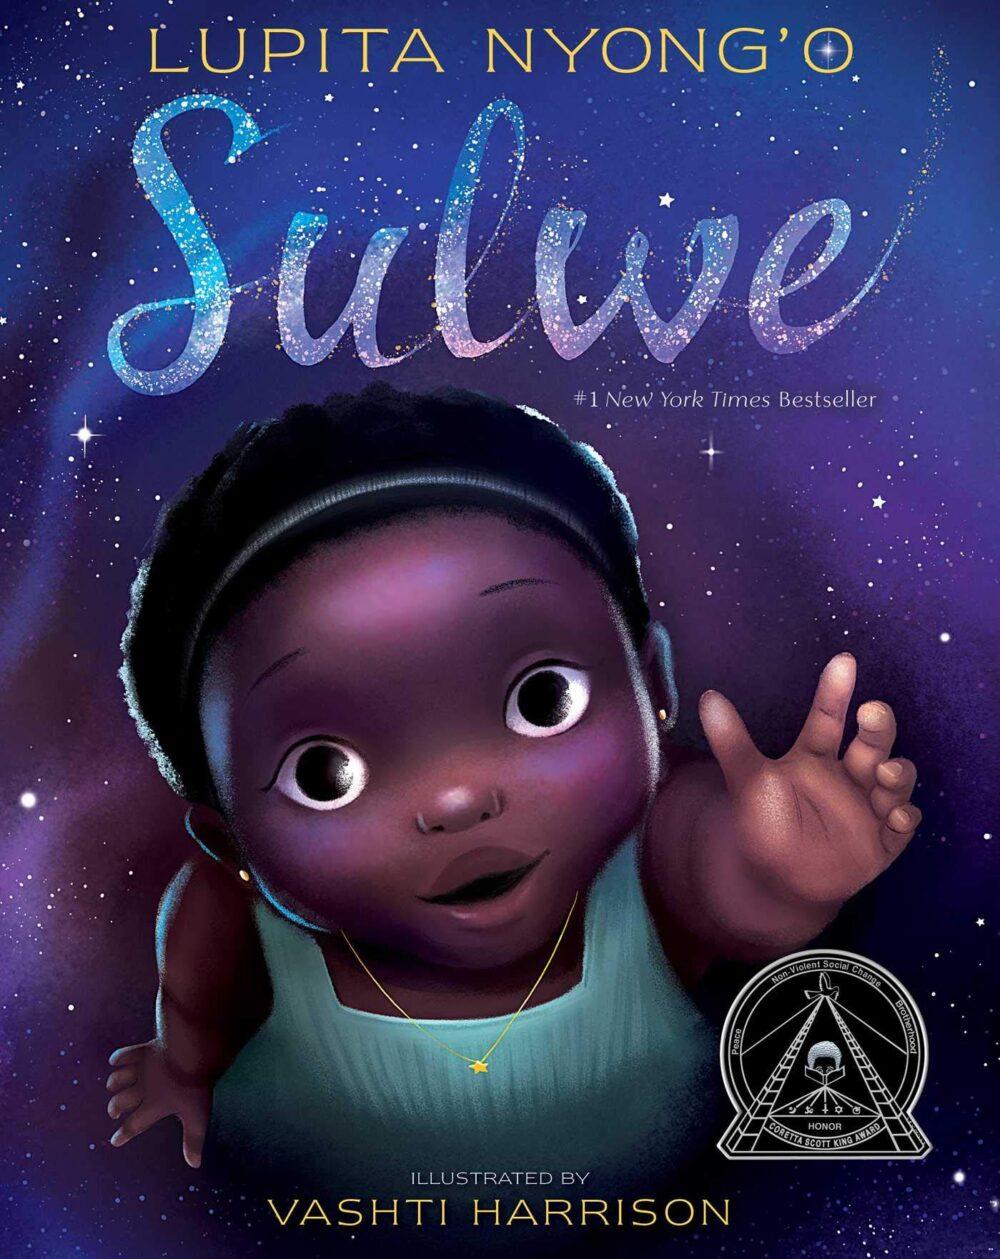 sulwe-netflix-adattera-in-un-musical-animato-il-libro-per-bambini-di-lupita-nyongo-2